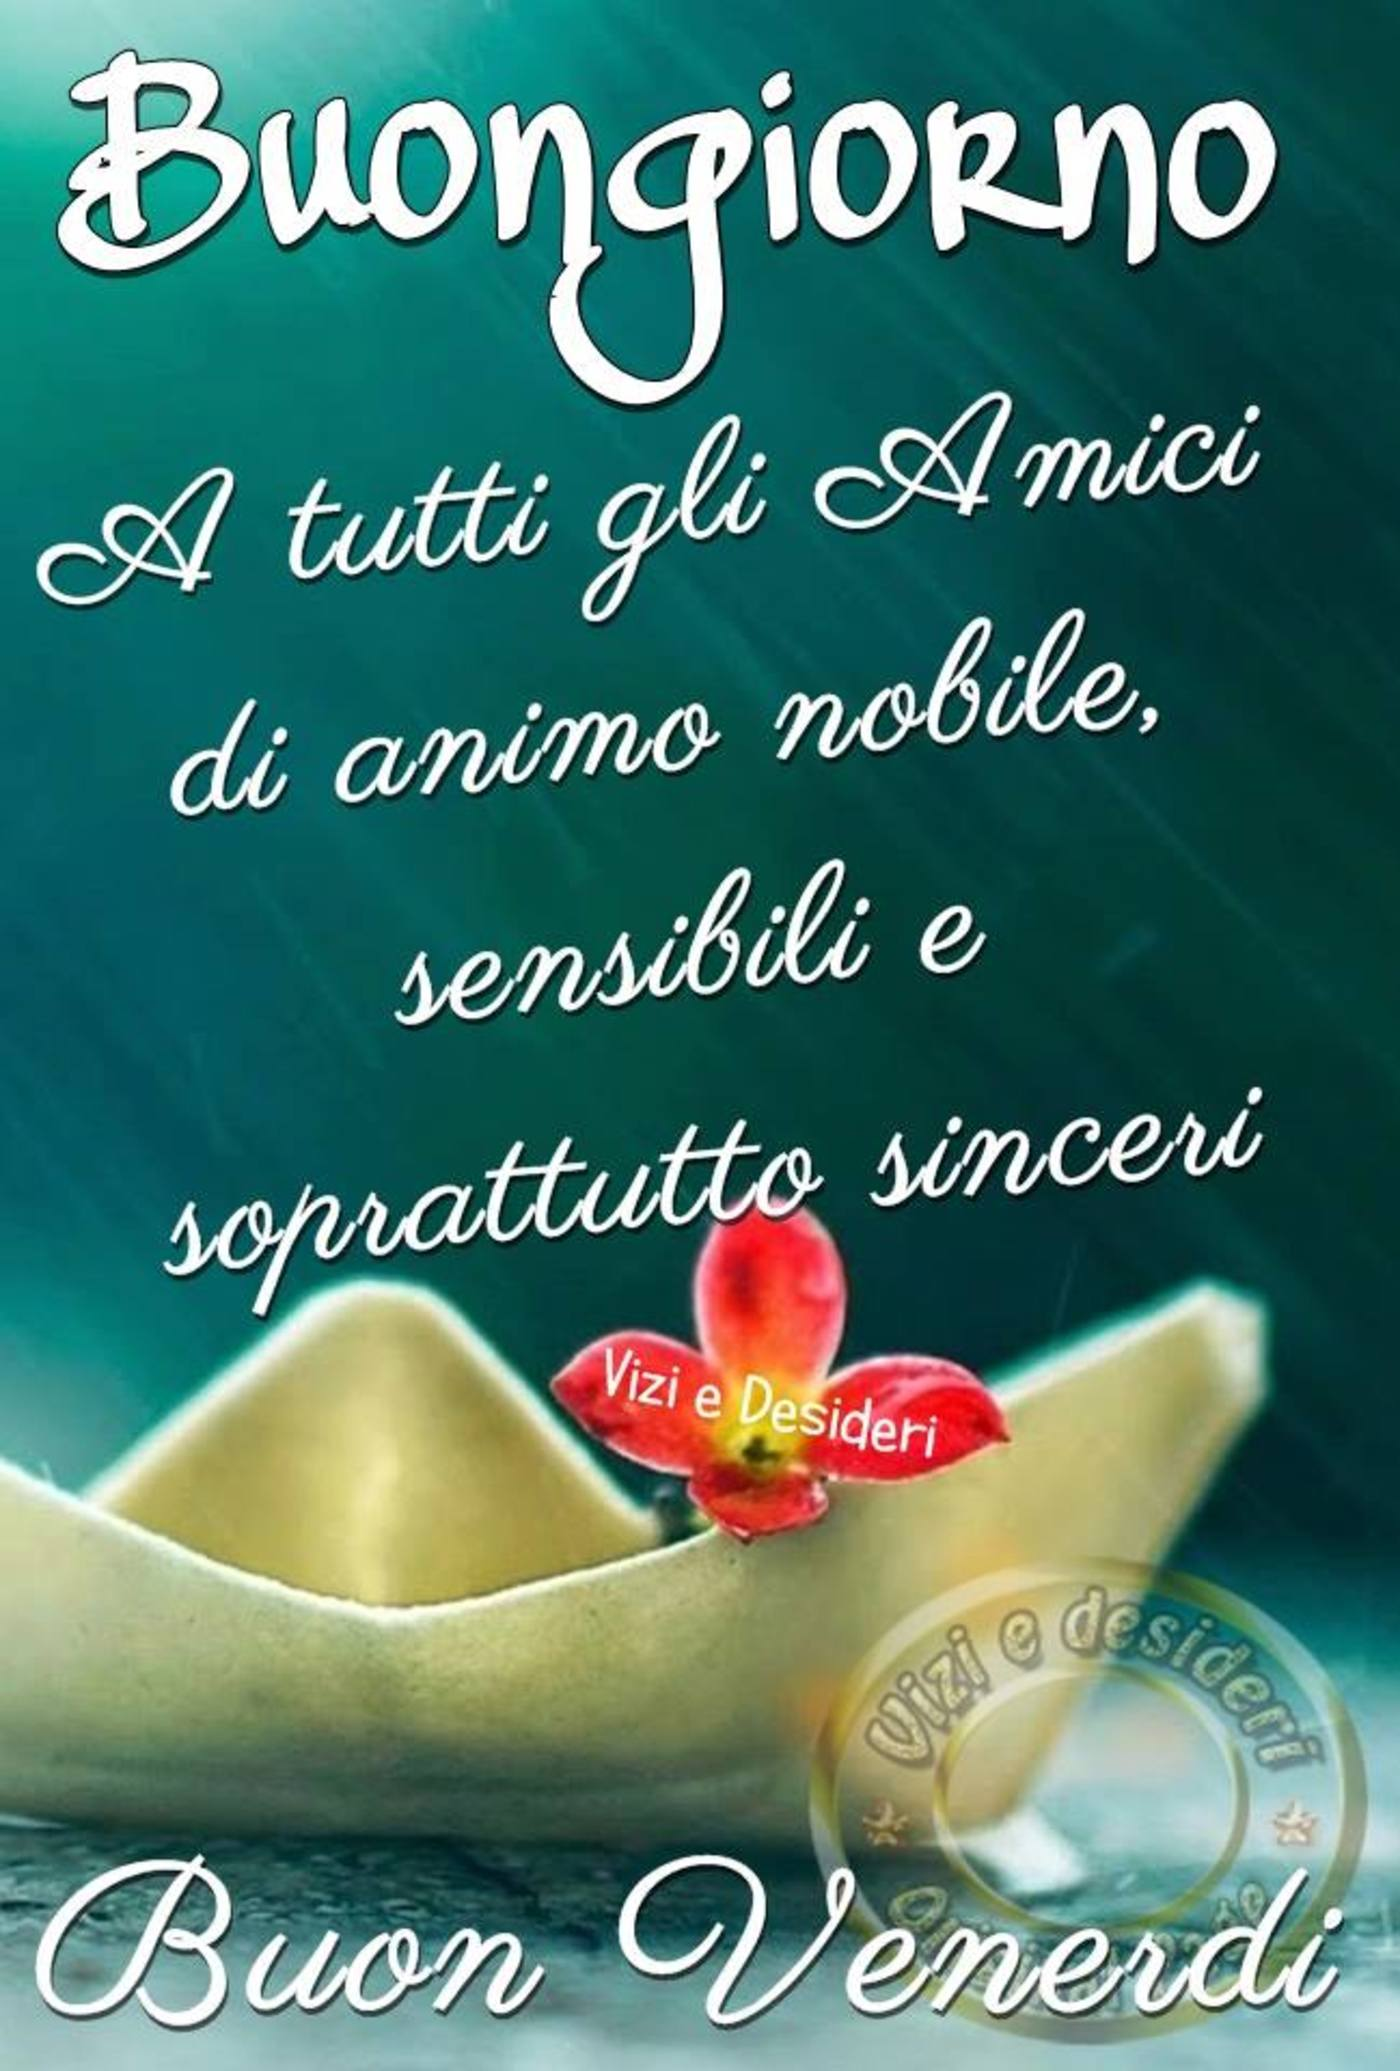 Buon Venerdì Amici Immagini Nuove Buongiornoate It